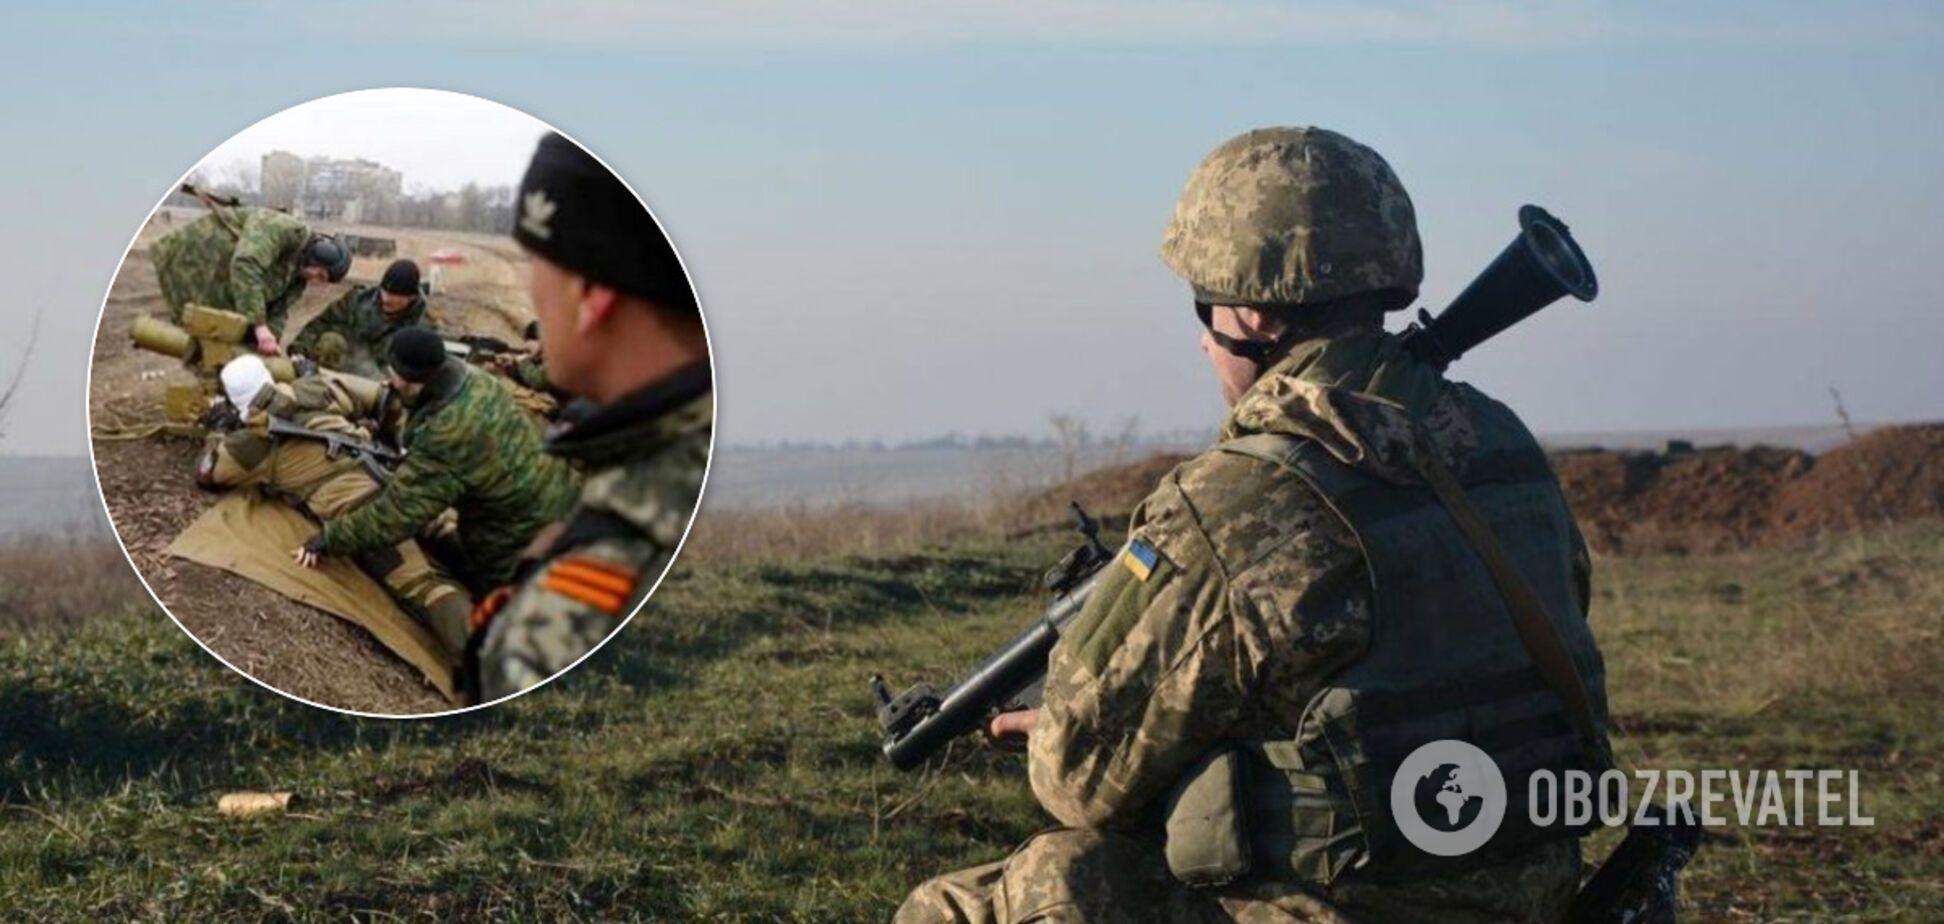 ВСУ наказали наемников России на Донбассе: есть убитые и раненые